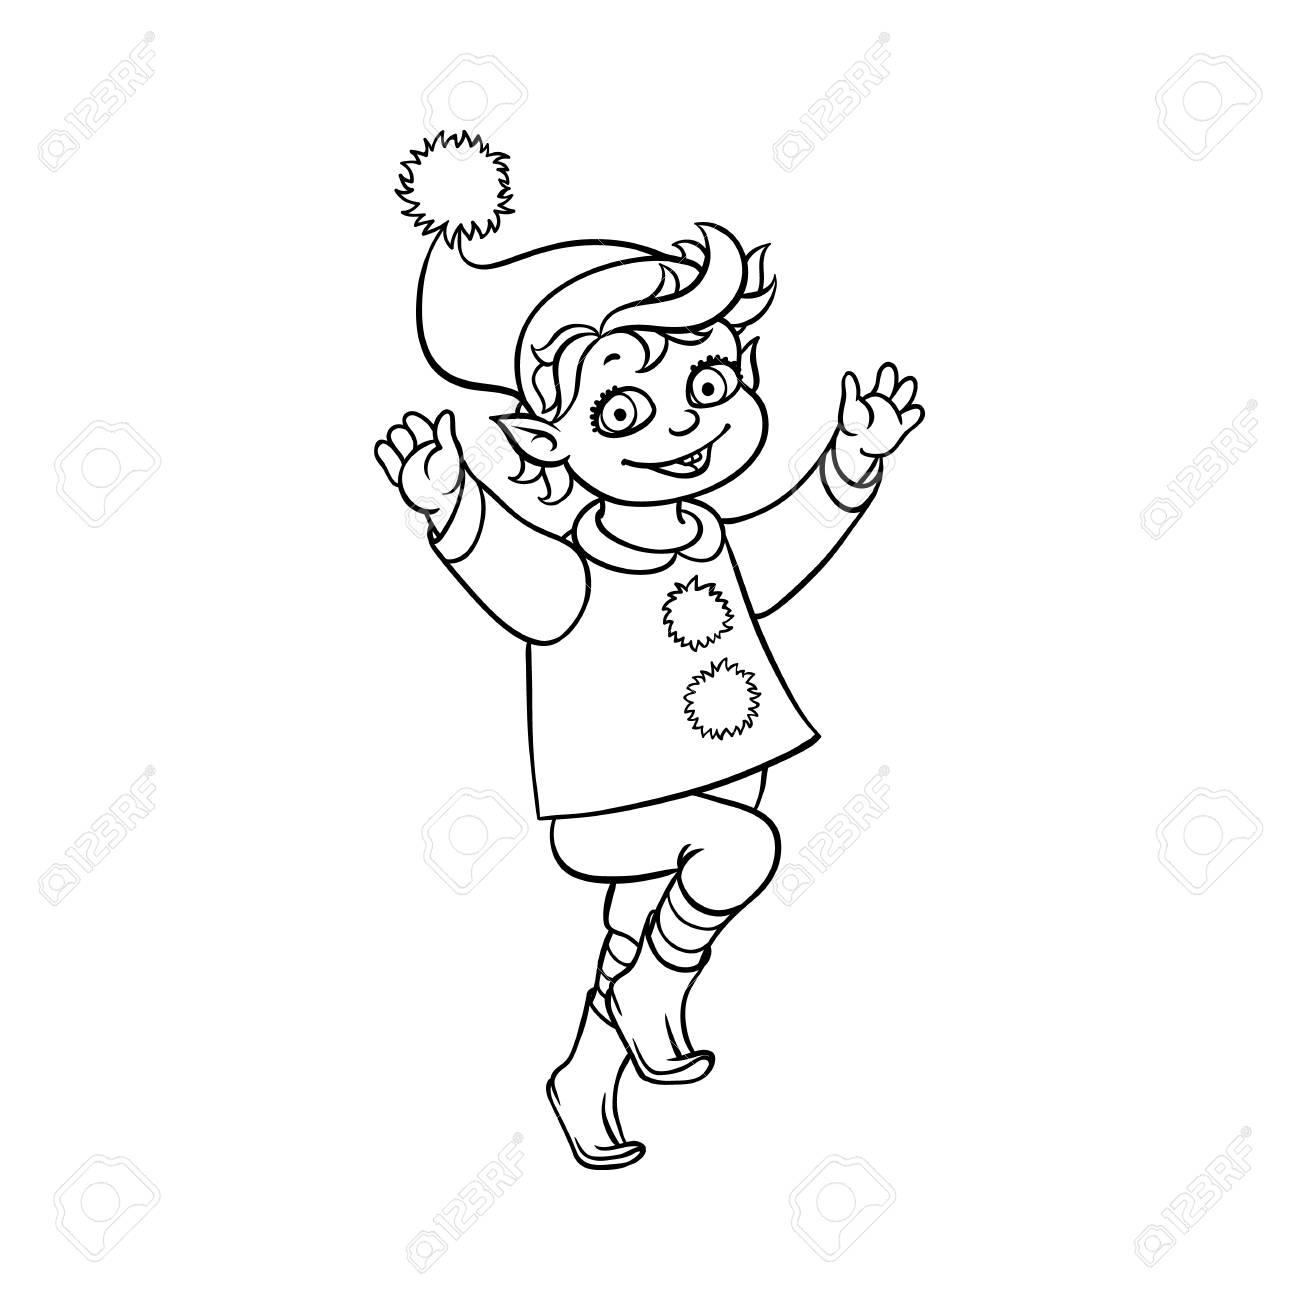 Vector Plano Monocromo Navidad Elfo Niño Bailando O Saltando Sonriente Levantando Las Manos Hada Carácter Vacaciones En Navidad Santa Hat